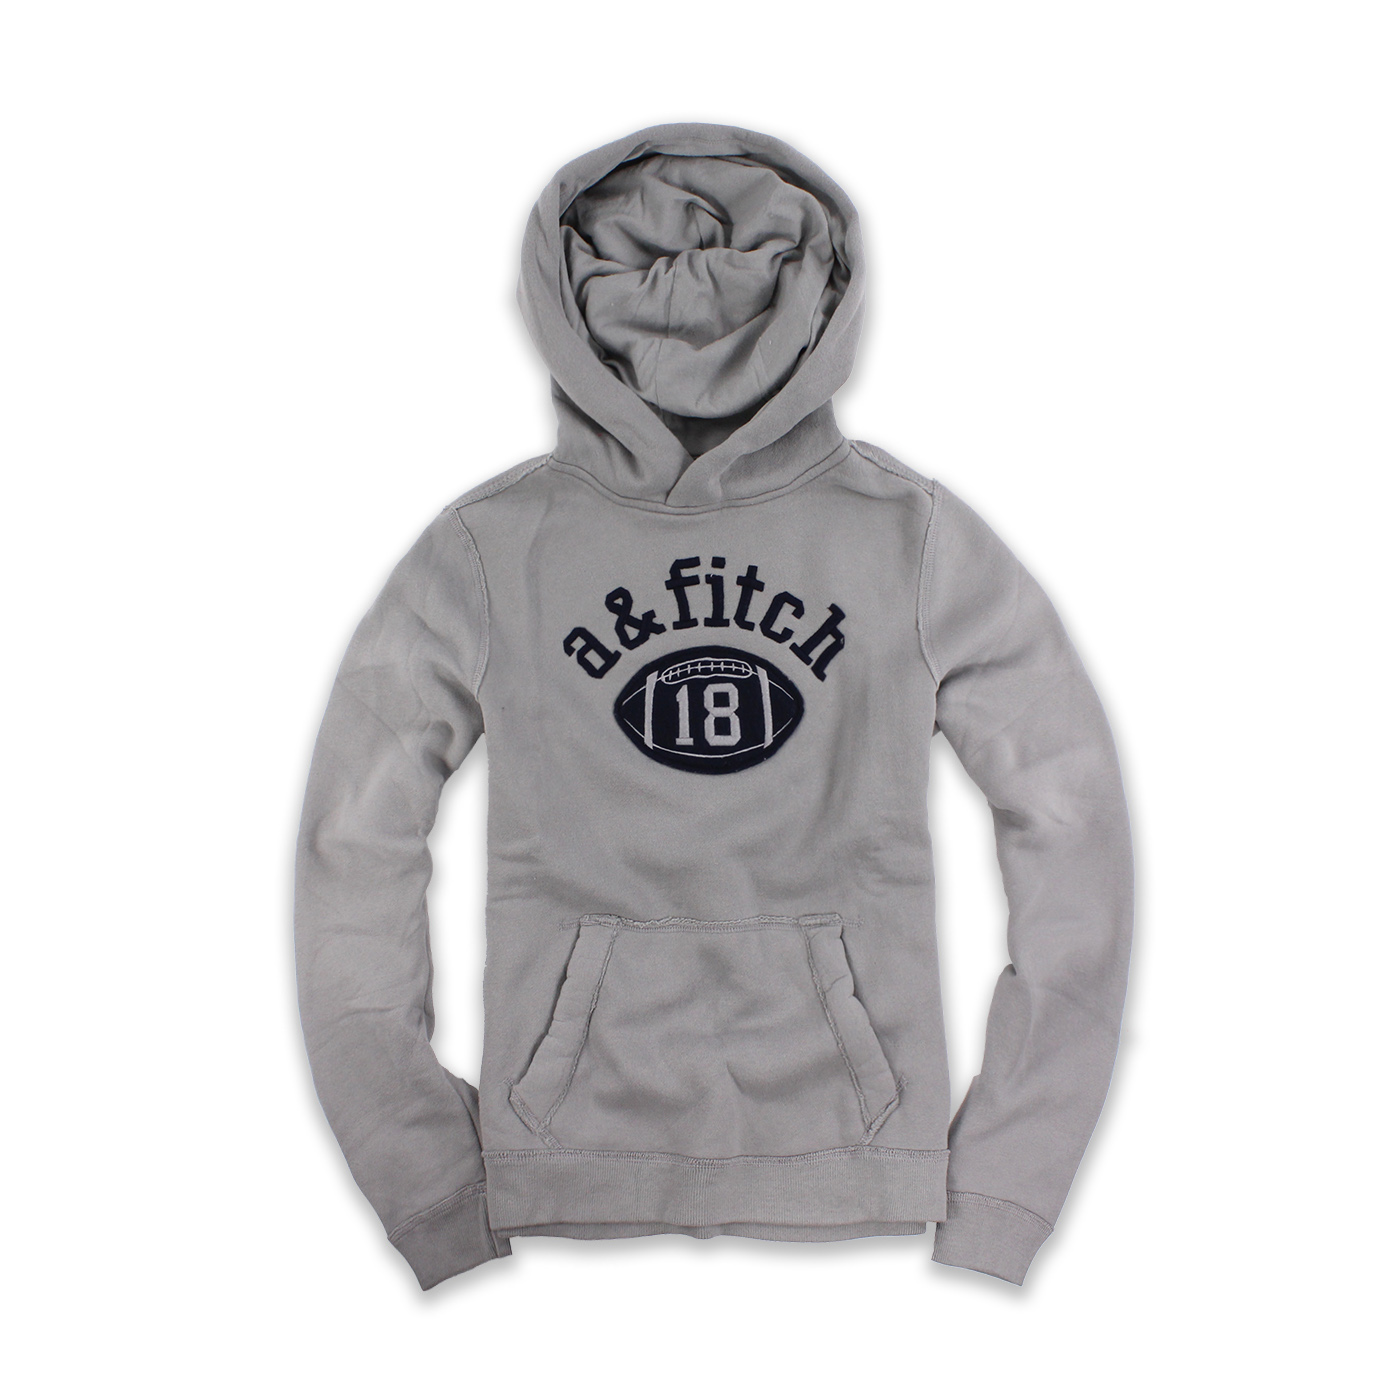 美國百分百【Abercrombie & Fitch】帽T AF 連帽 麋鹿 鋪棉 橄欖球 灰色 S號 男 女 F498